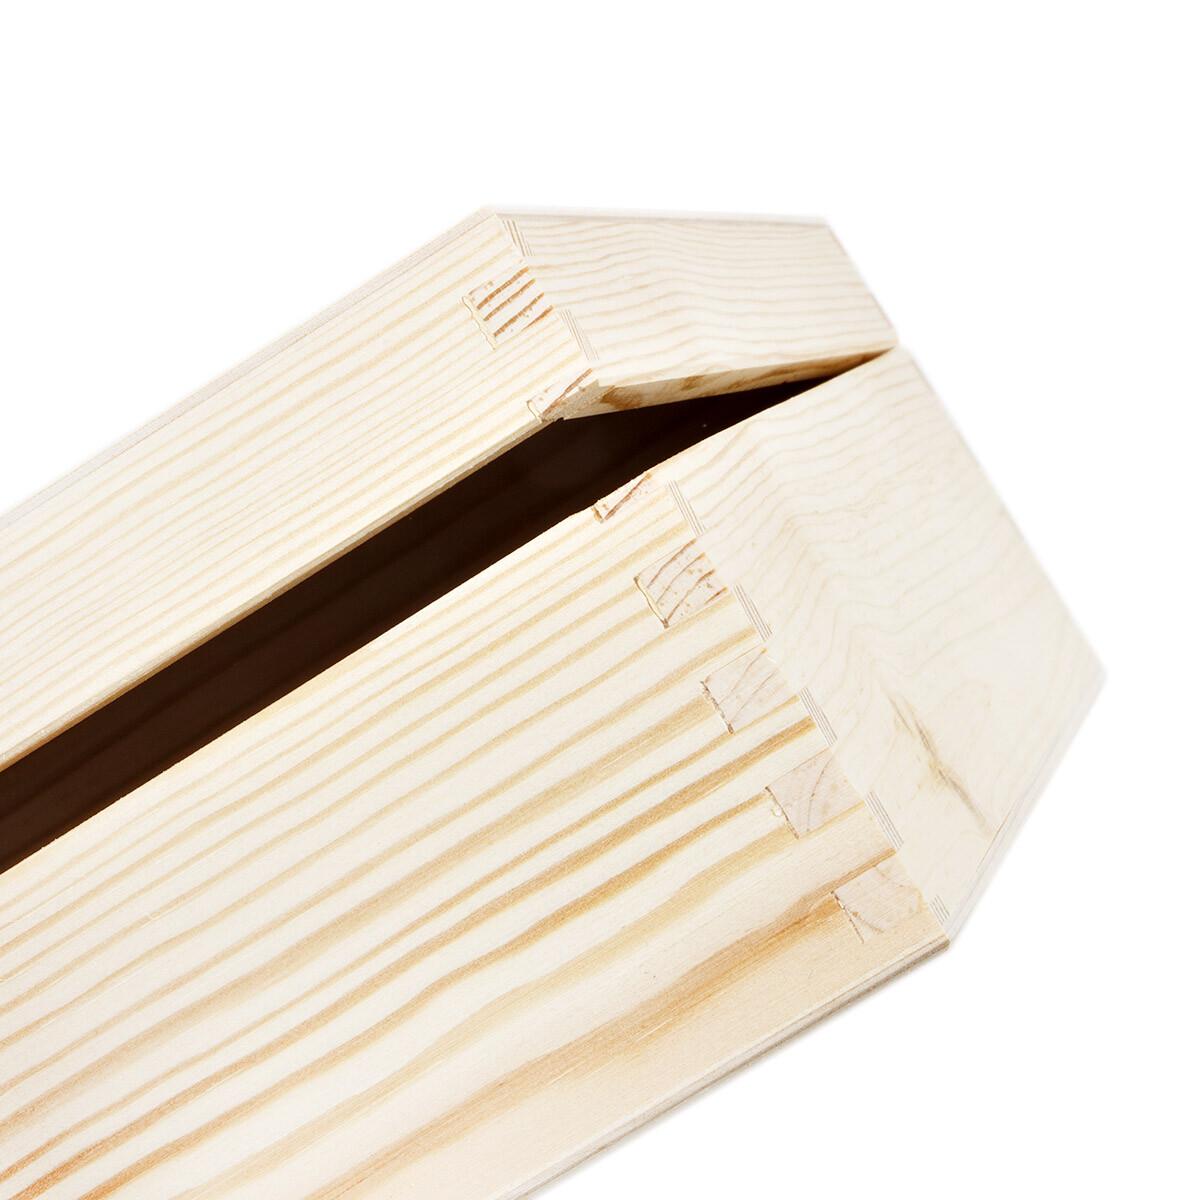 geschenkbox mit deckel und schloss f r 1 flasche wein und zusatz. Black Bedroom Furniture Sets. Home Design Ideas